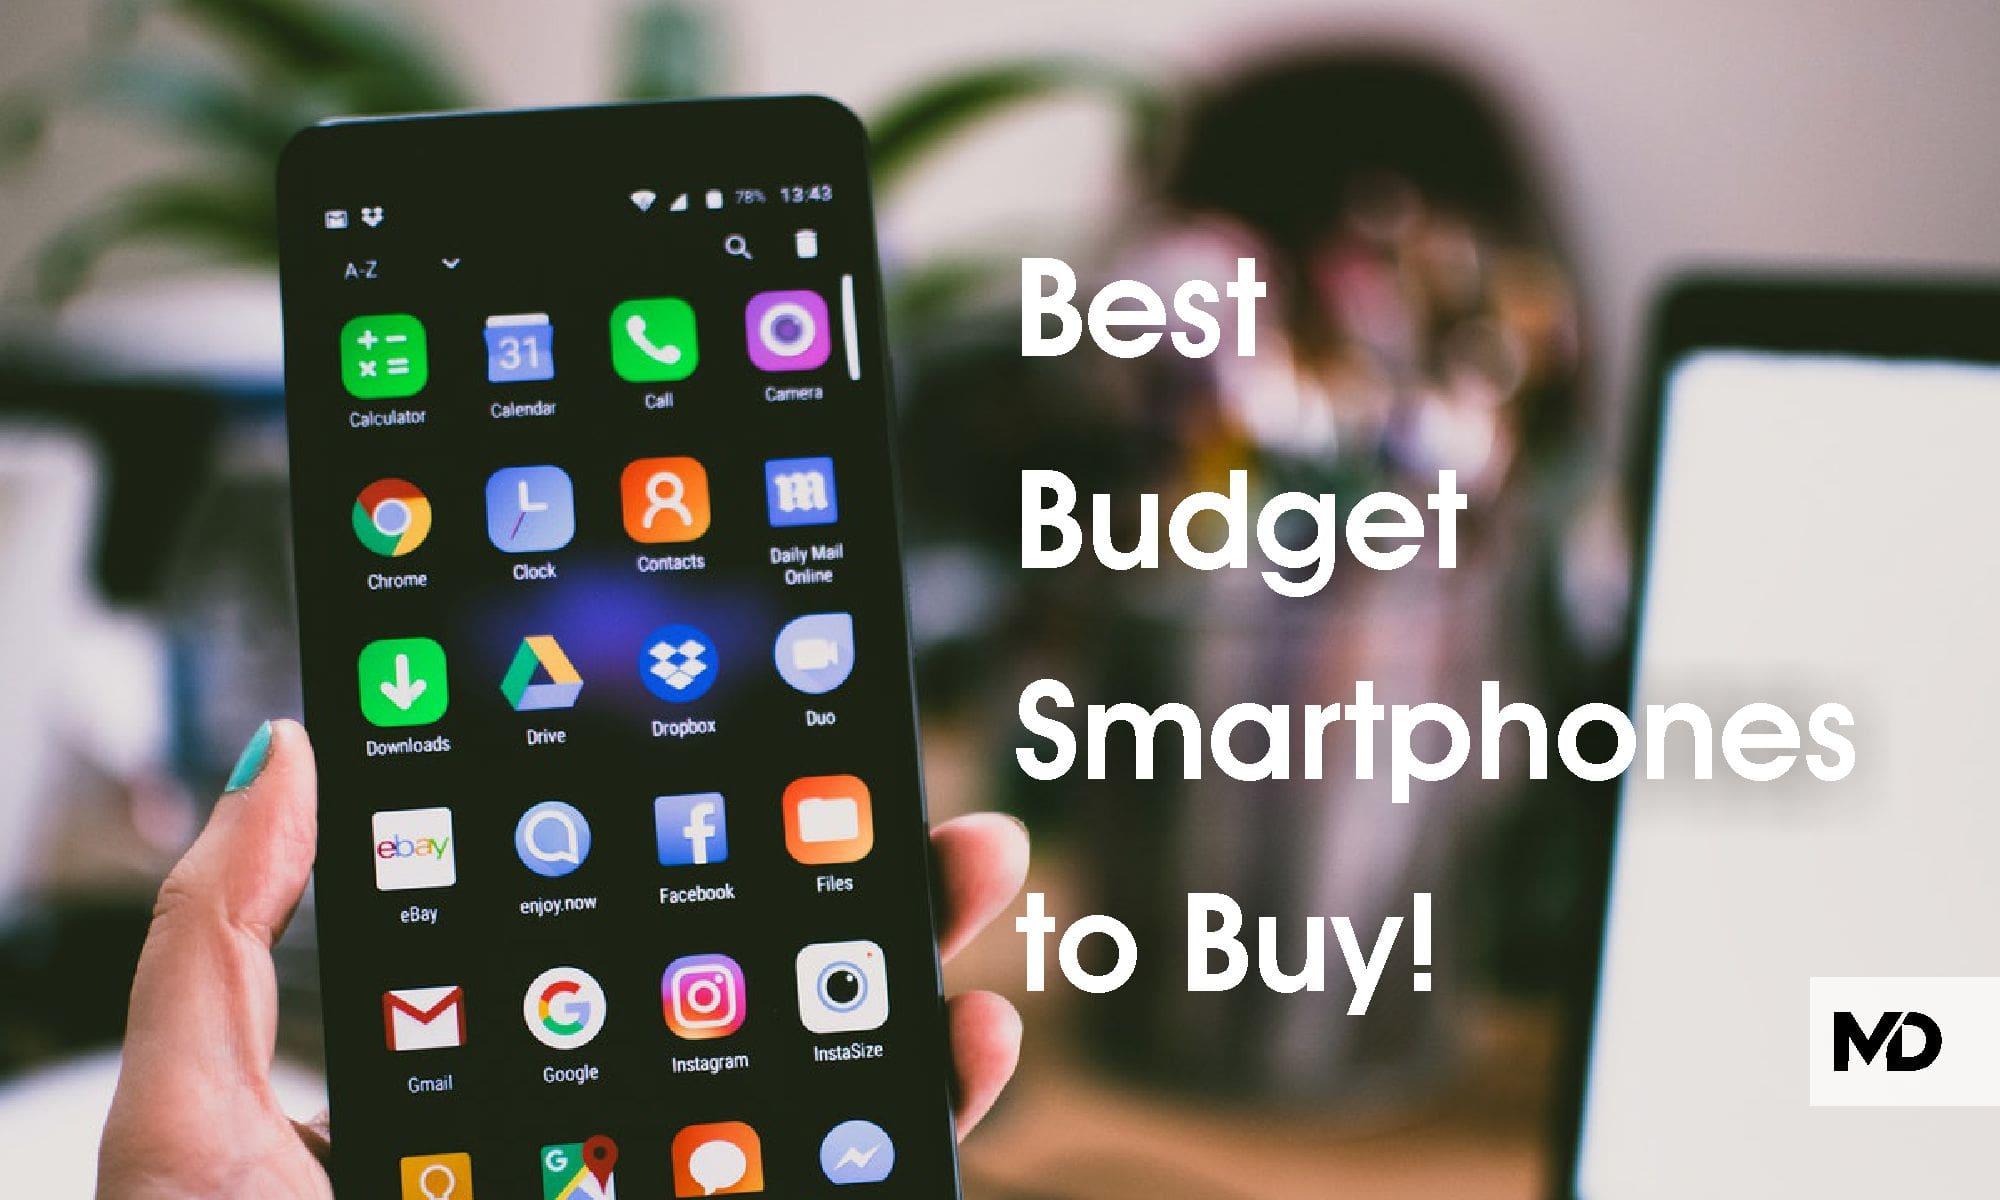 best-budget-smartphones-to-buy-india-2020